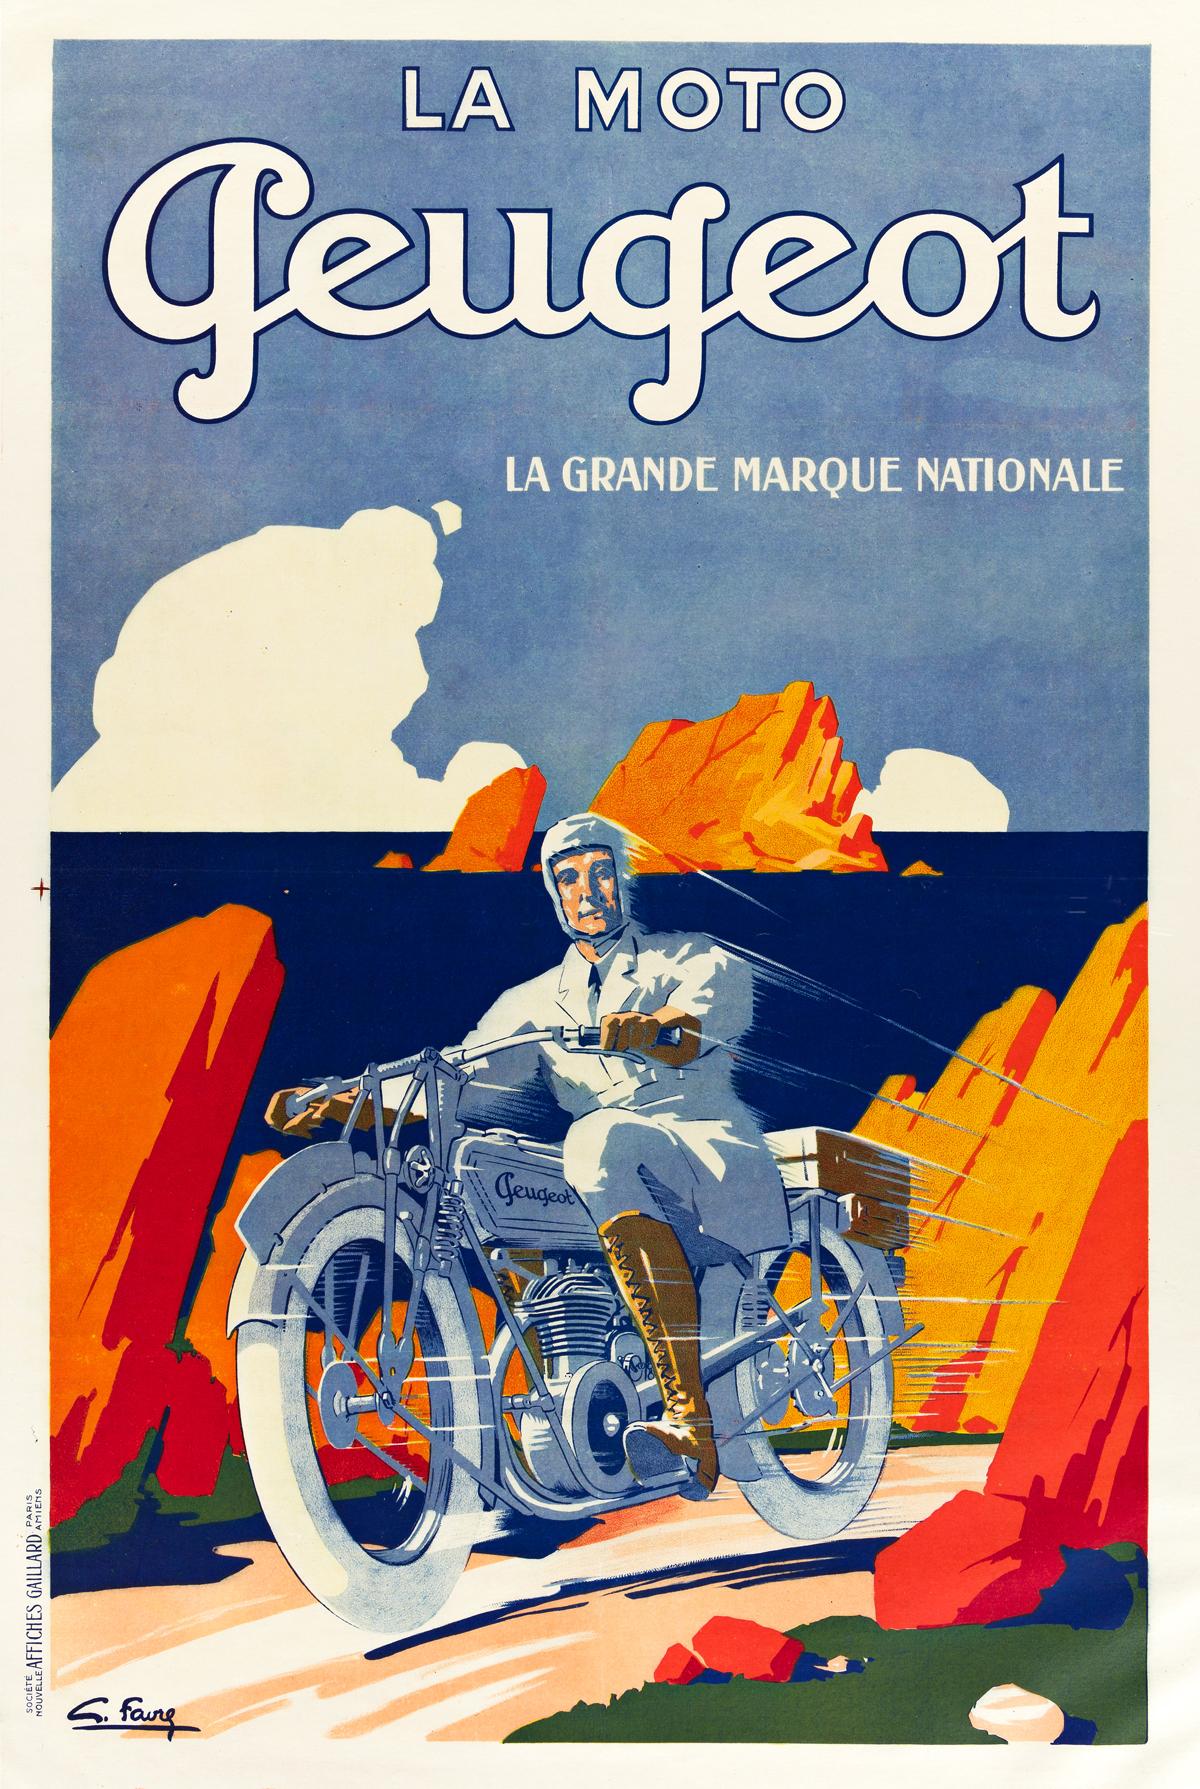 GEORGES FAVRE (DATES UNKNOWN).  LA MOTO PEUGEOT. Circa 1930. 46x31 inches, 116x78 cm. Affiches Gaillard, Paris.